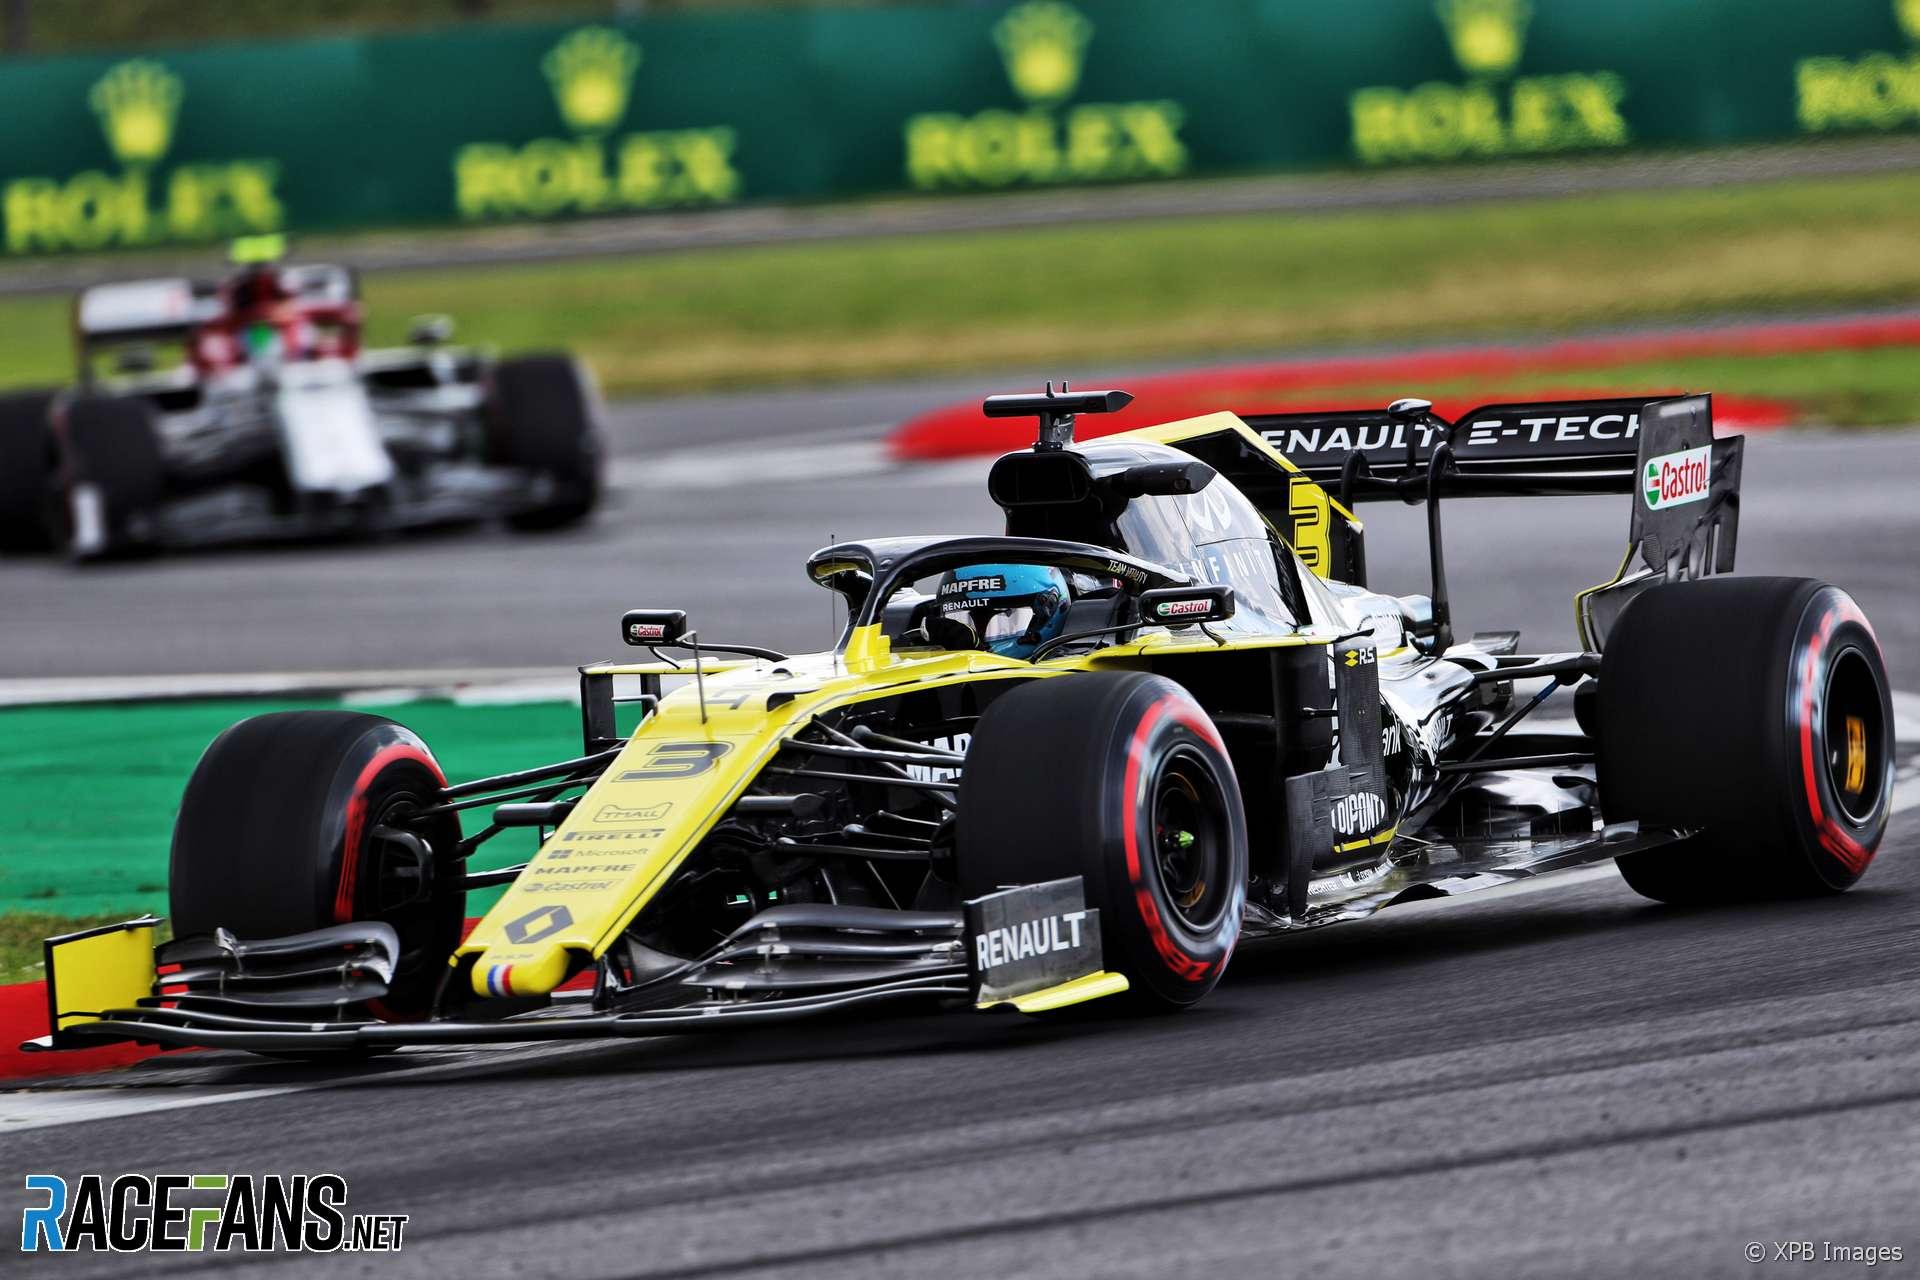 Daniel Ricciardo, Renault, Silverstone, 2019